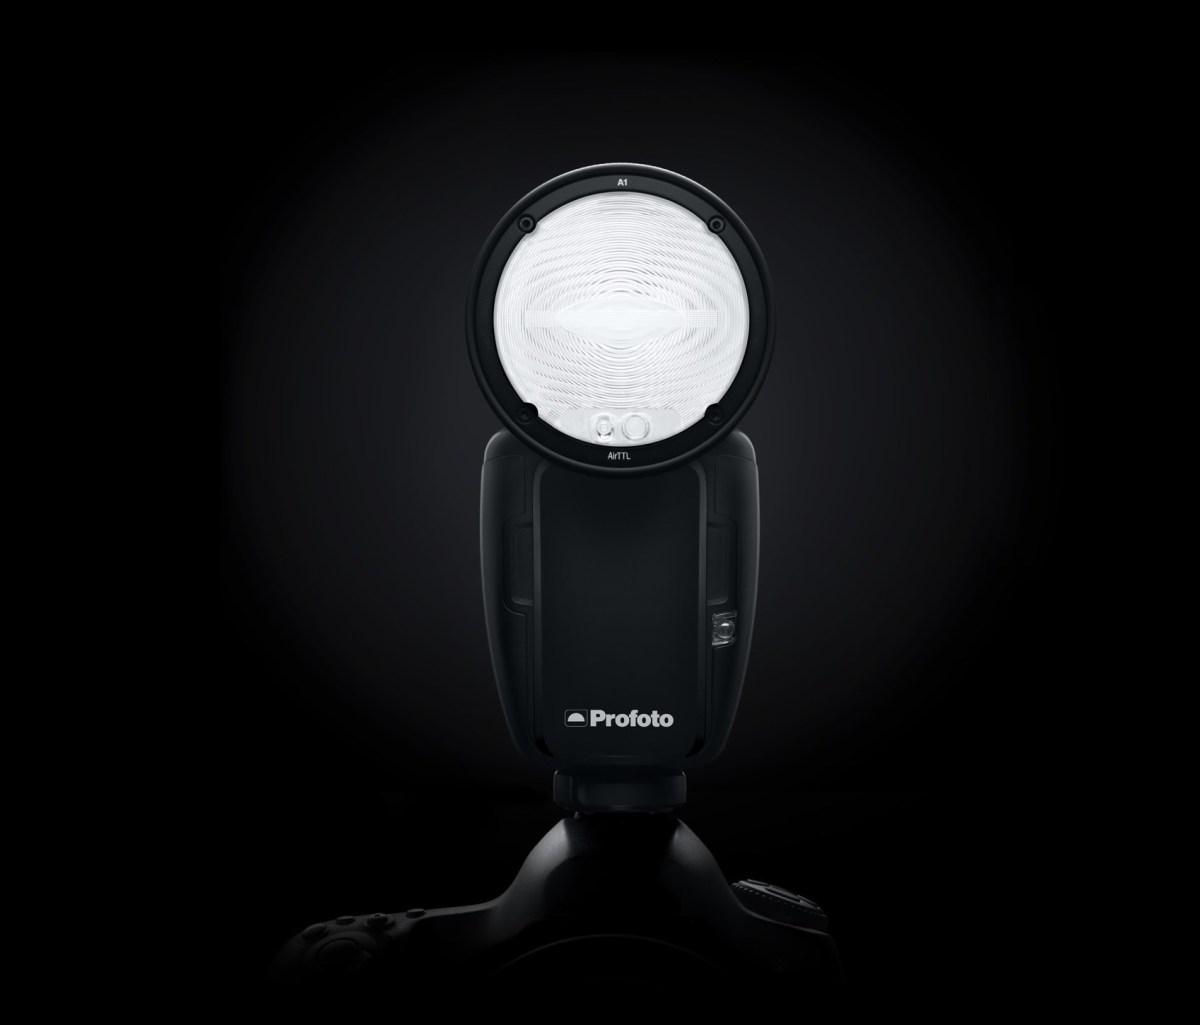 Profoto A1 Camera Flash